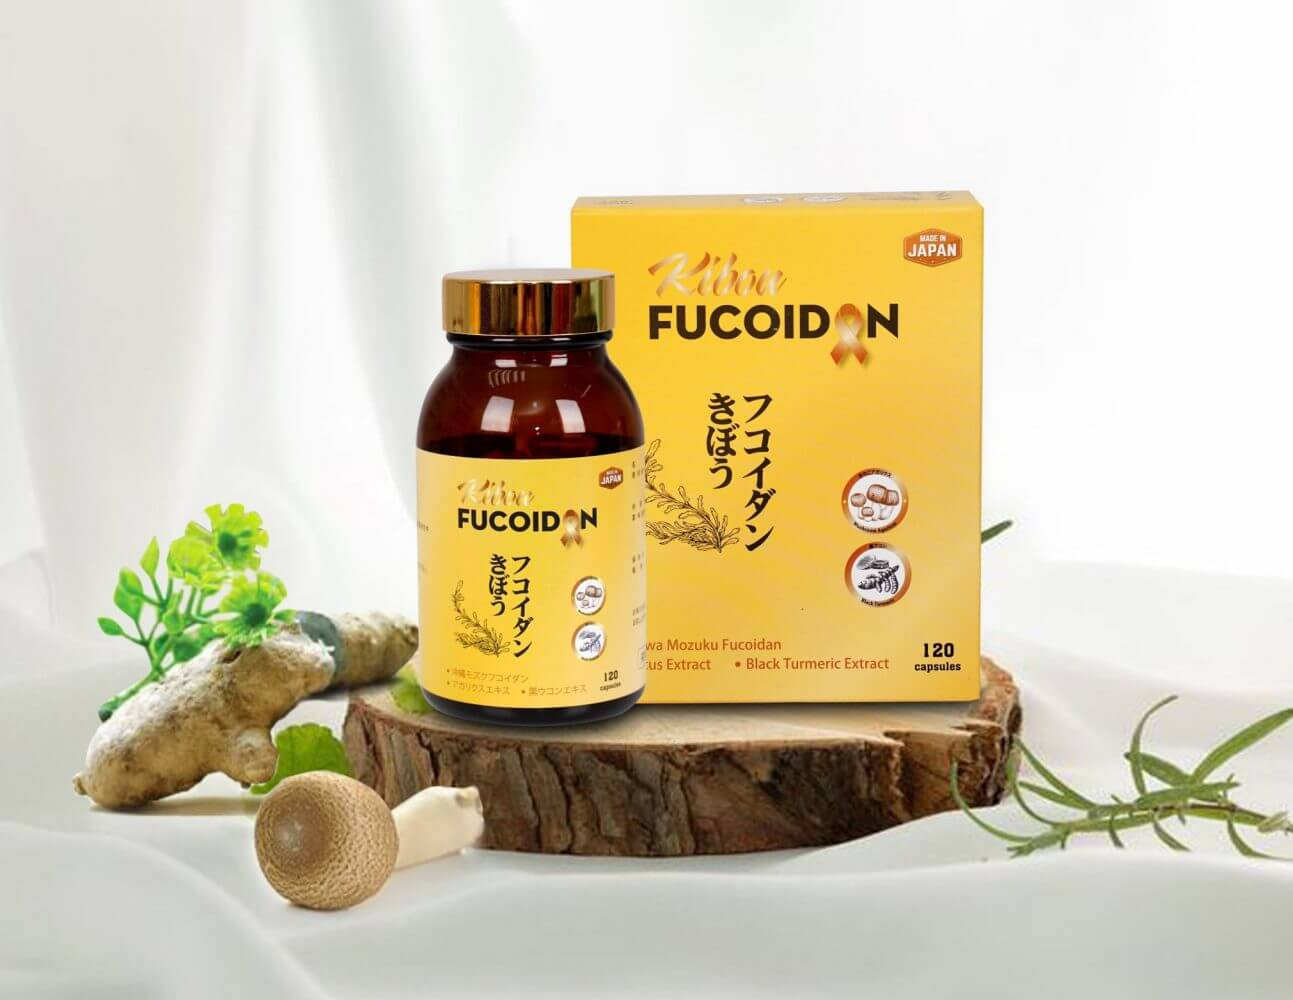 Đi tìm sự thật Kibou fucoidan nghệ đen lừa đảo không? Thực hư ra sao?